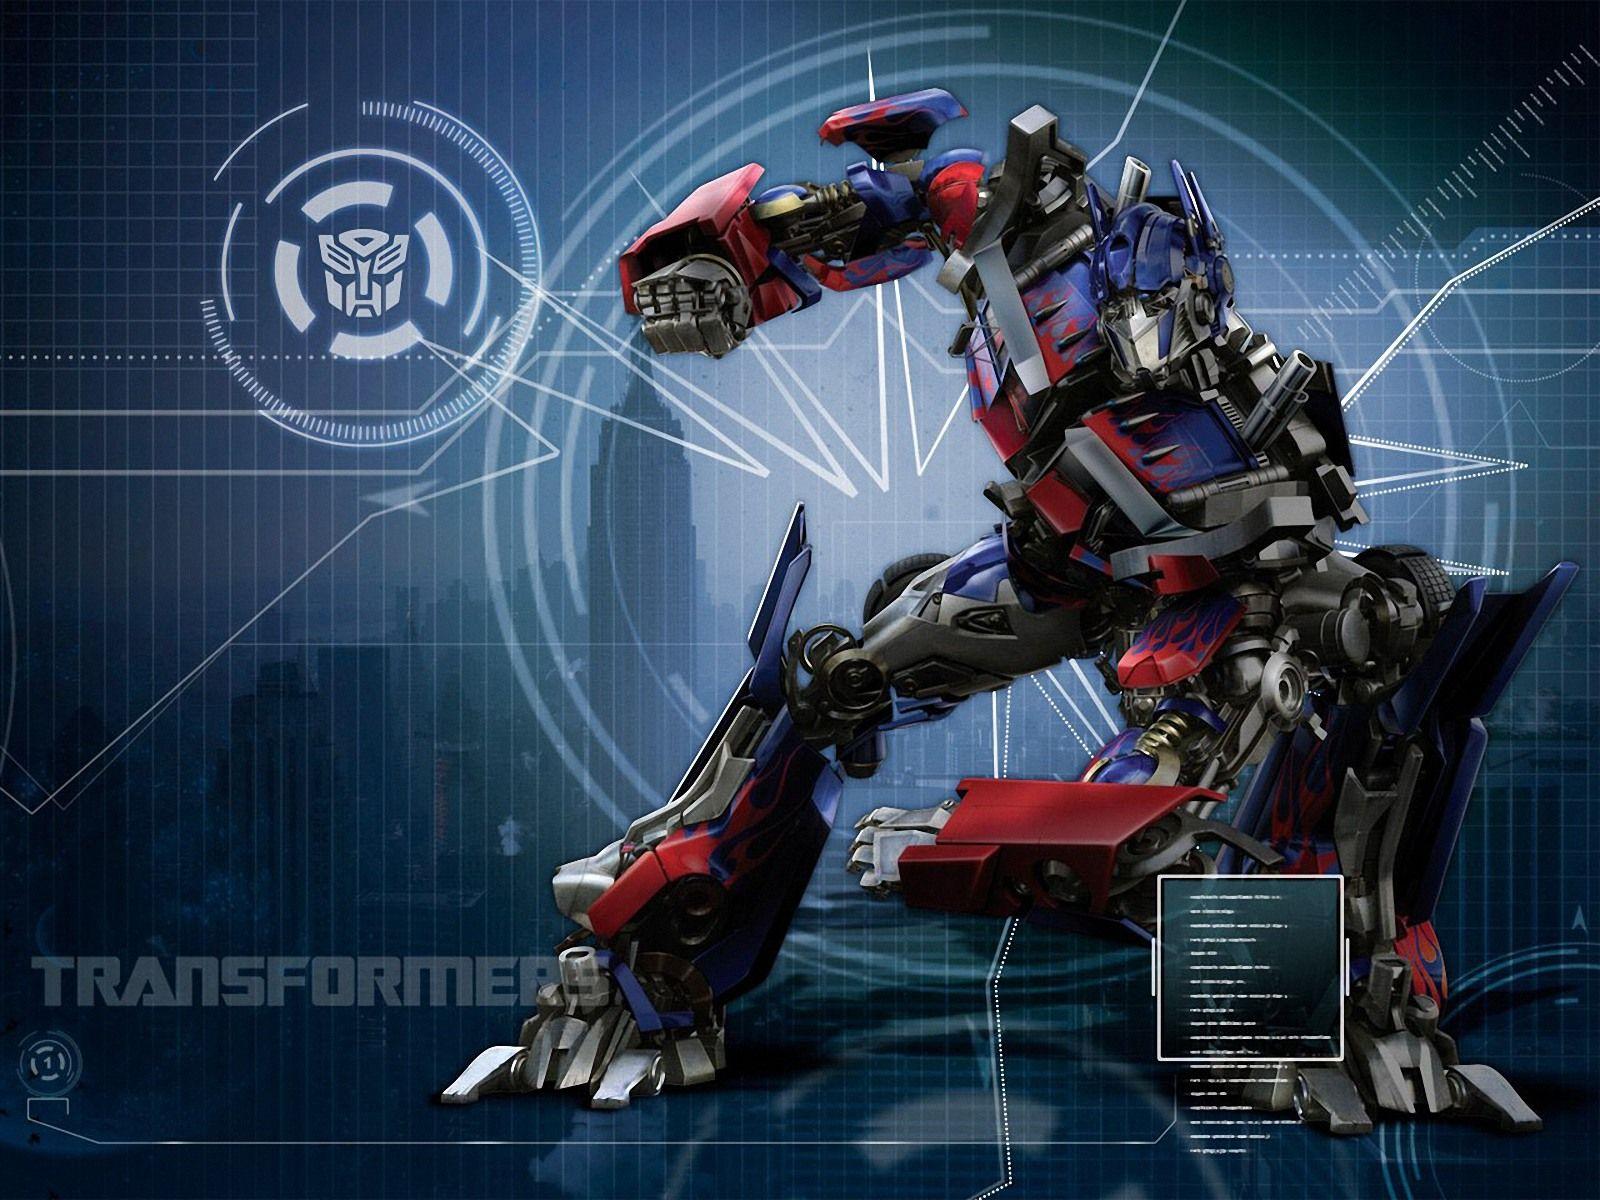 transformers optimus prime wallpaper freeware en download 1024×768